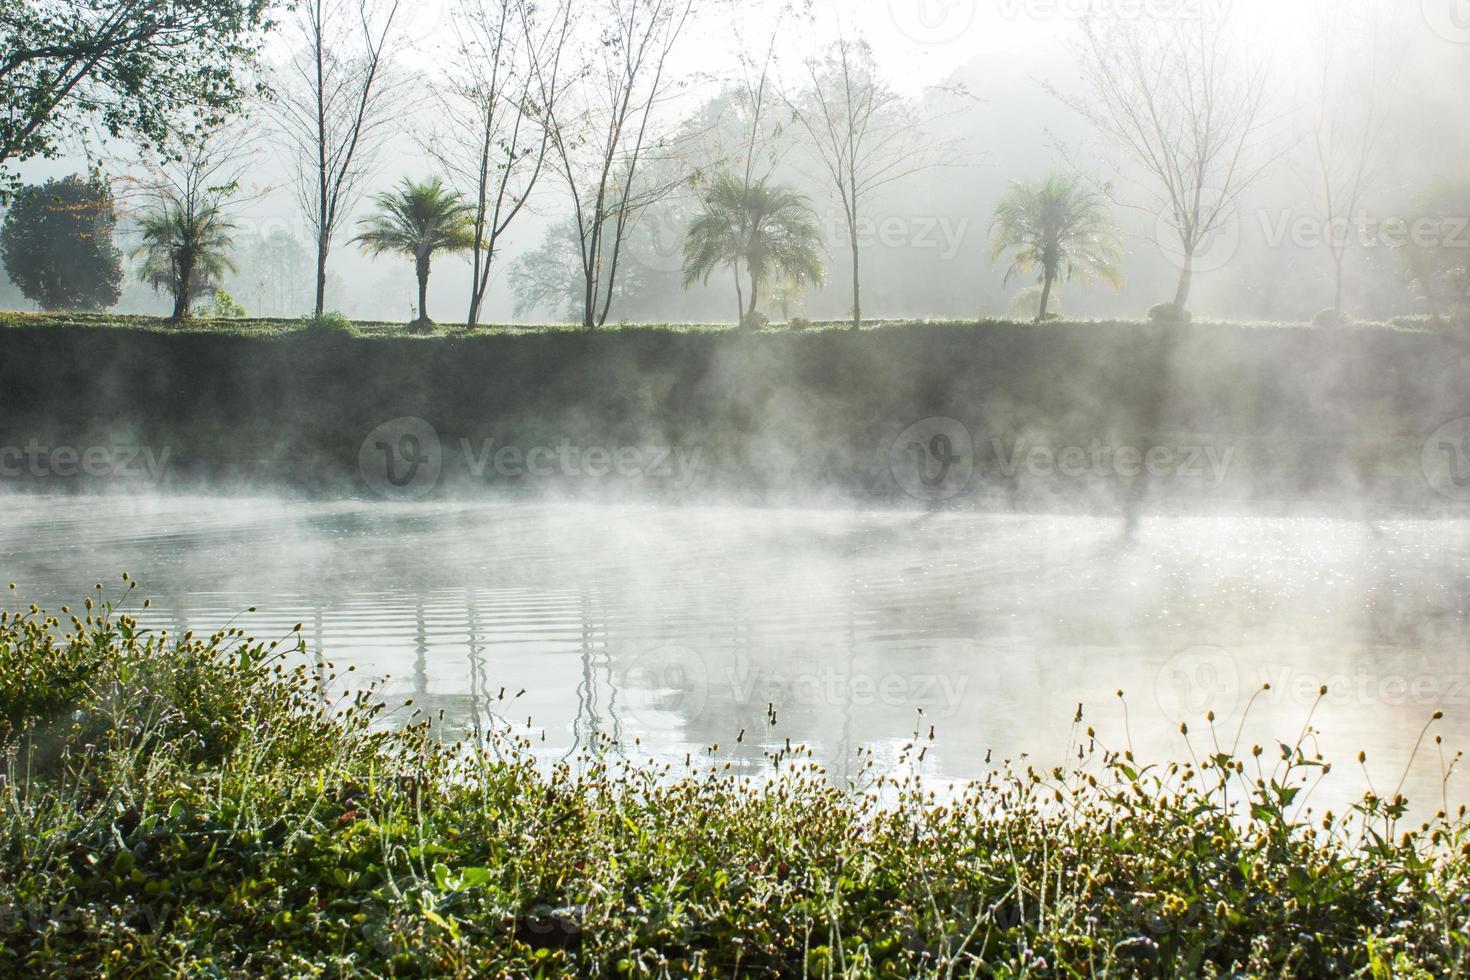 vijver met mist foto